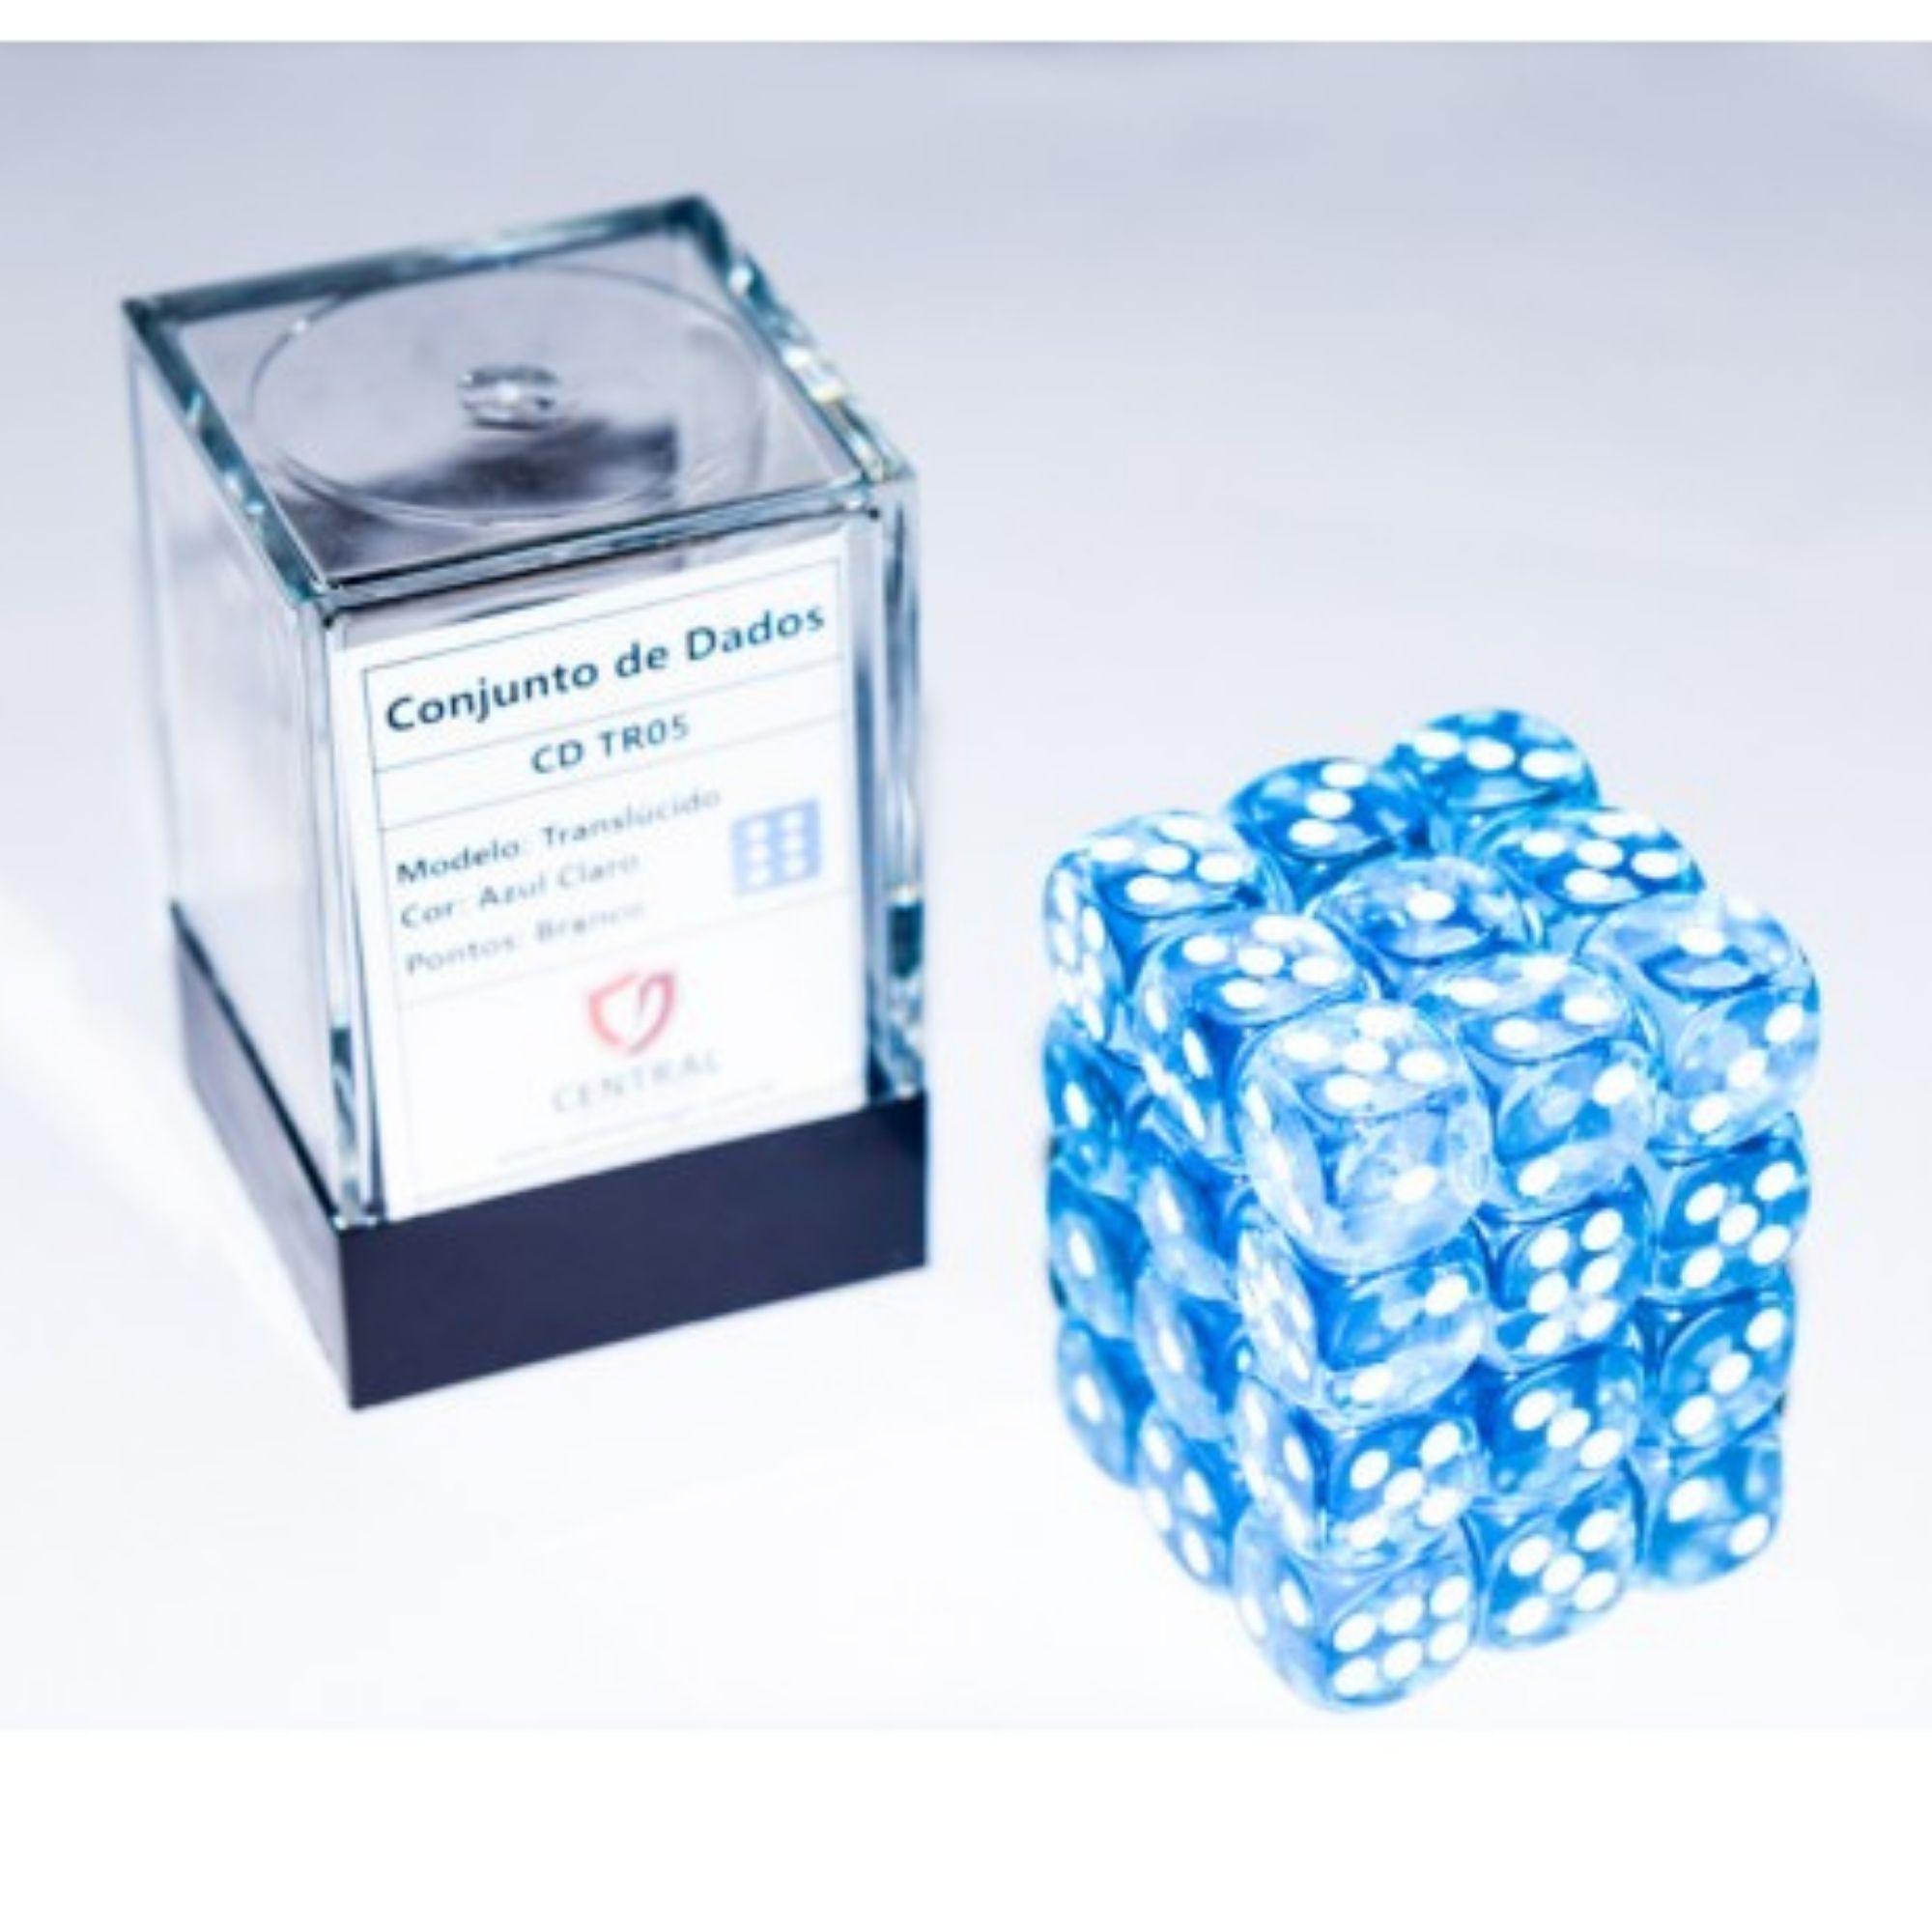 Central Dices Conjuntos 36 Dados D6 Translúcido Azul Claro e Branco